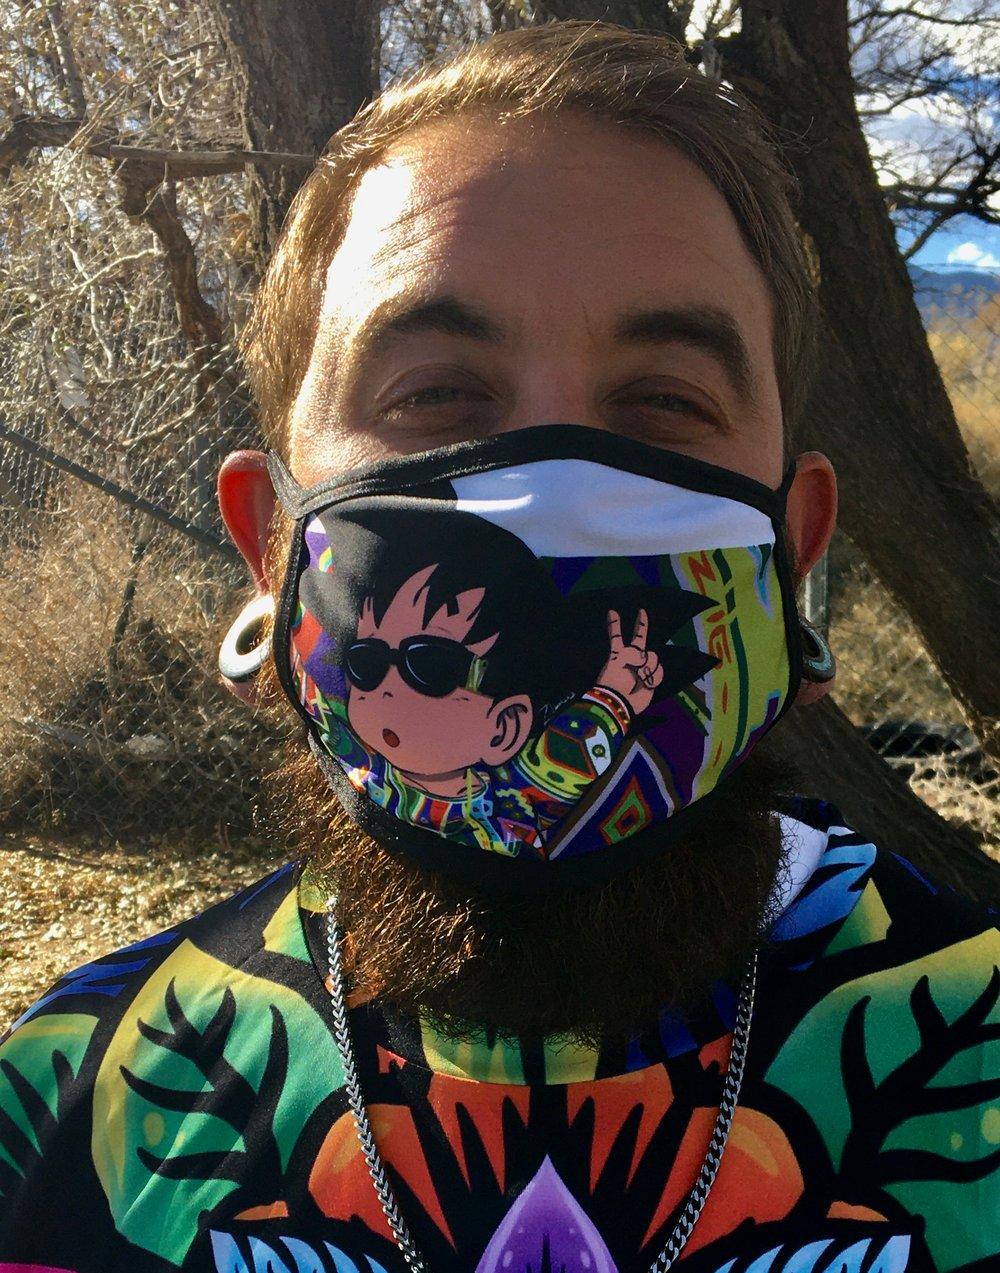 Image of Gokugi Face Mask